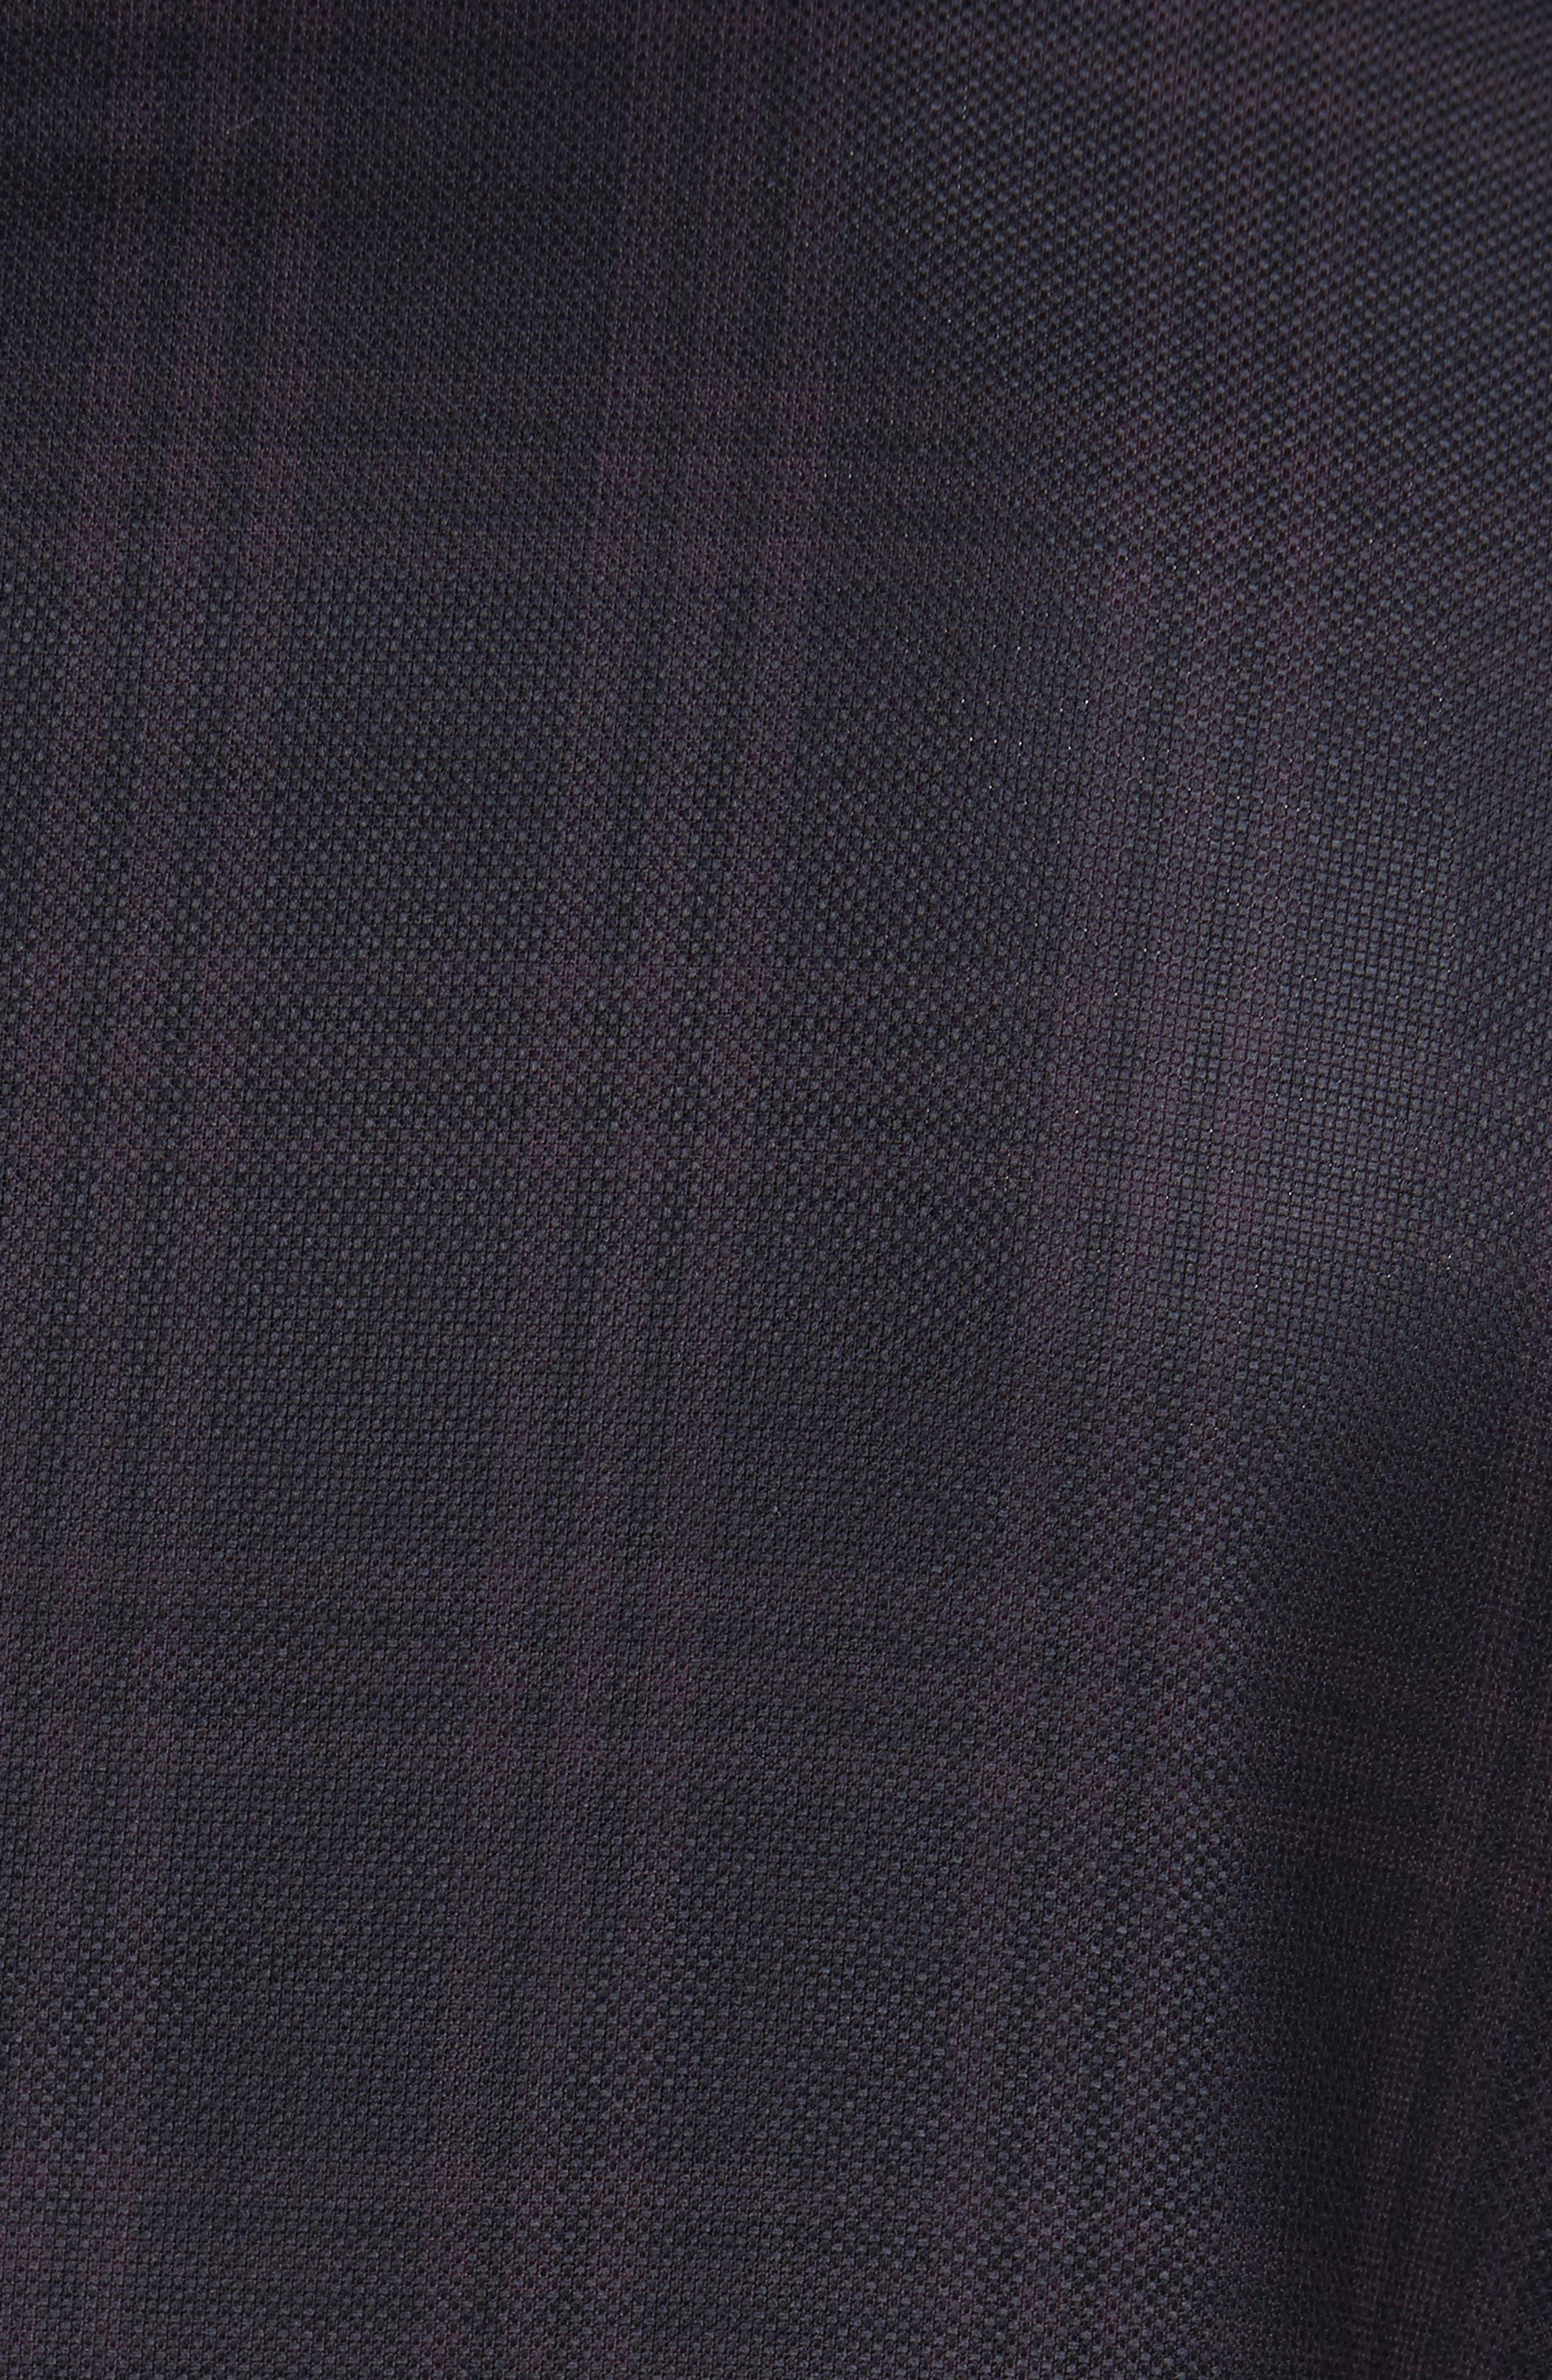 Jed Trim Fit Plaid Wool Sport Coat,                             Alternate thumbnail 5, color,                             Black